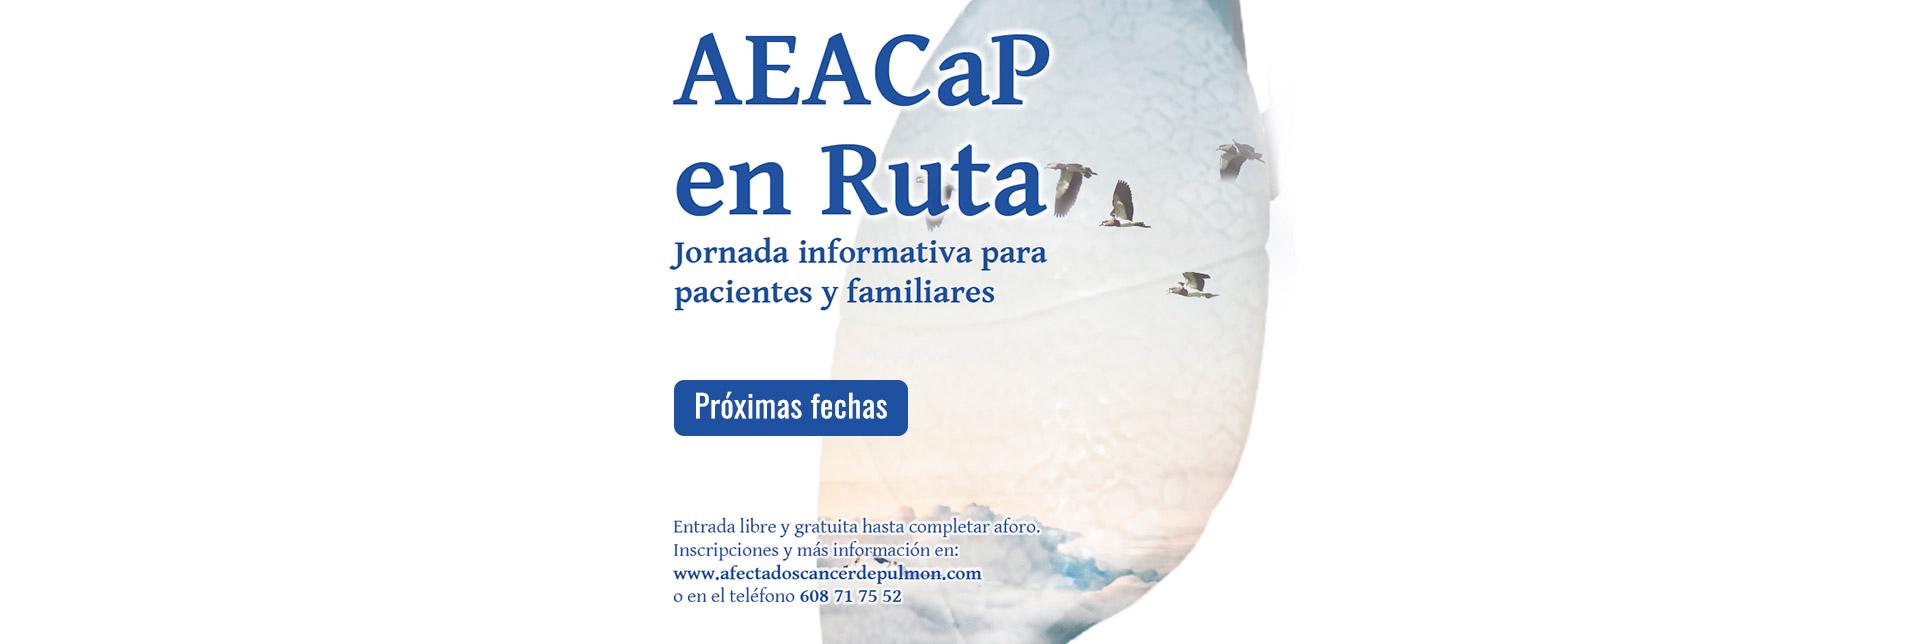 slide-aeacap-ruta